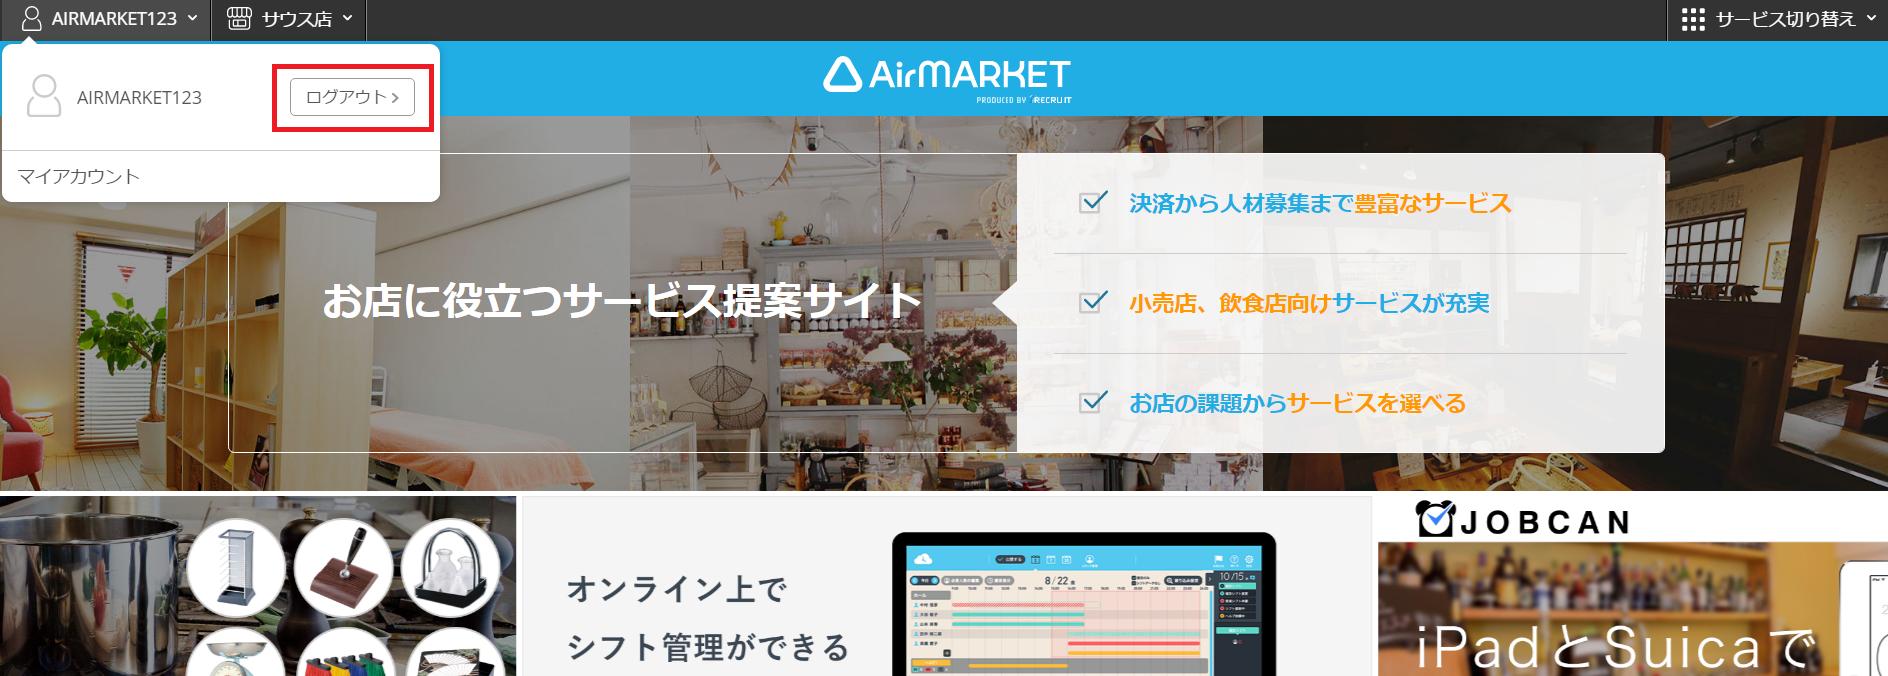 Airマーケット ナビゲーションバー/ログアウト